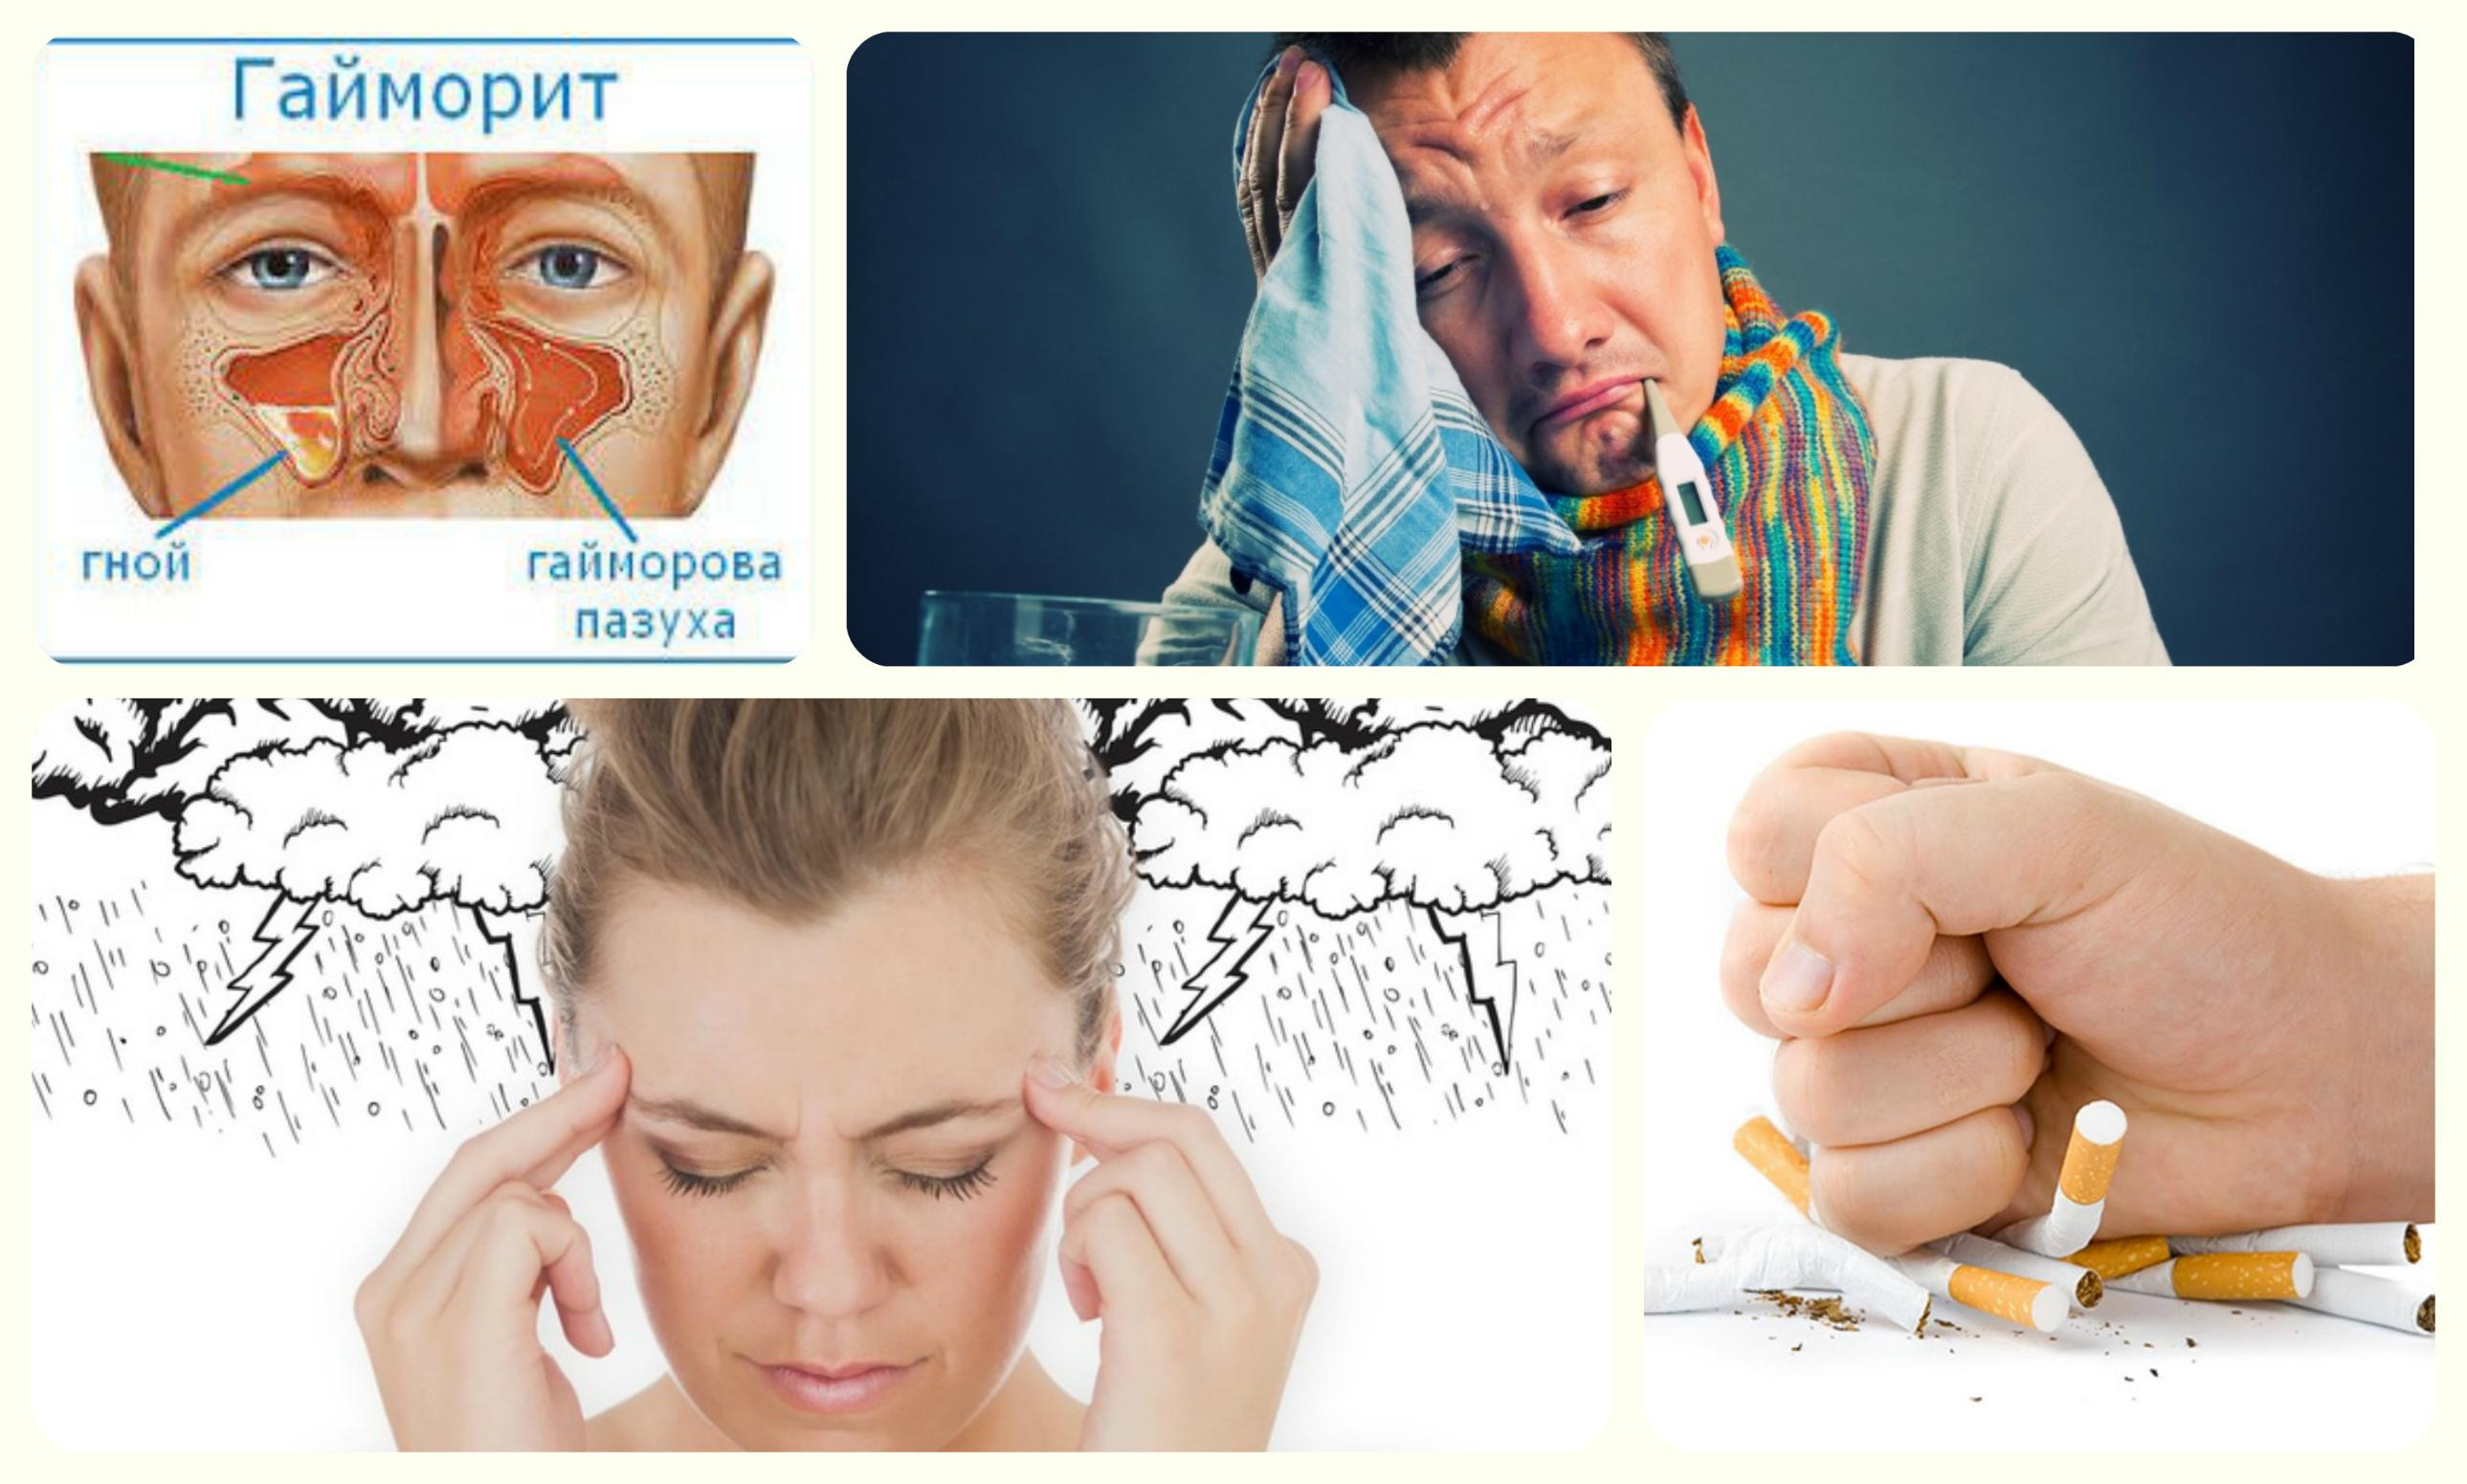 гайморит, простуда, метиочуствительность, курение